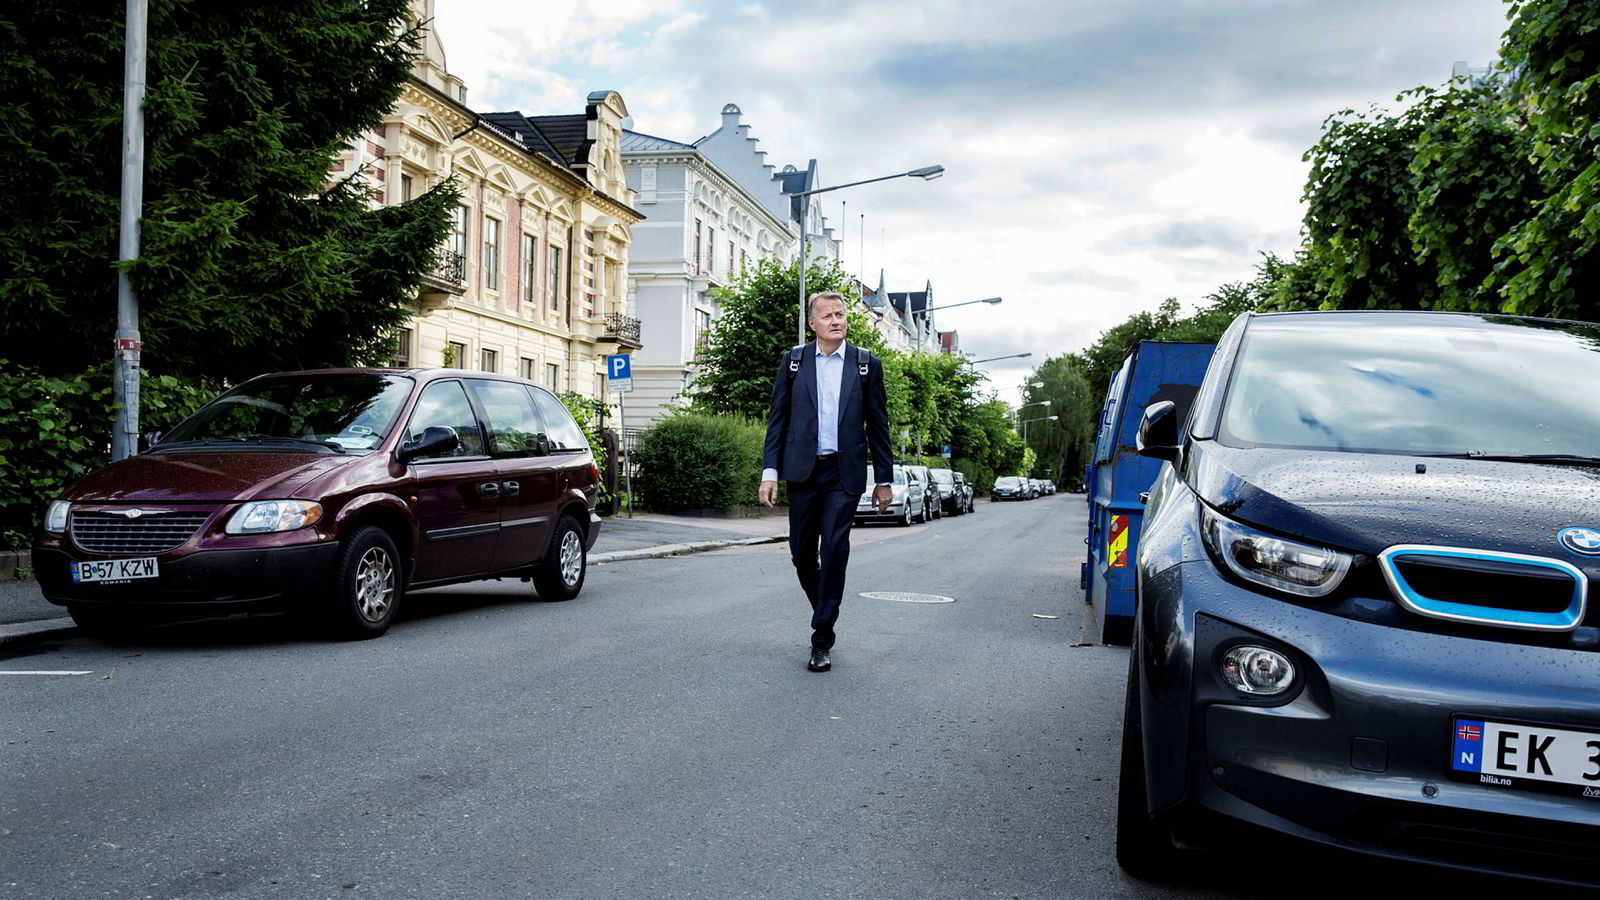 DNB-sjef Rune Bjerke pleier å spasere til jobben om sommeren. Han tror boligprisfall i en kort periode kan være sunt, og at banken vil unngå store tap hos kundene. I Oslo falt prisene vel tre prosent bare i juni.